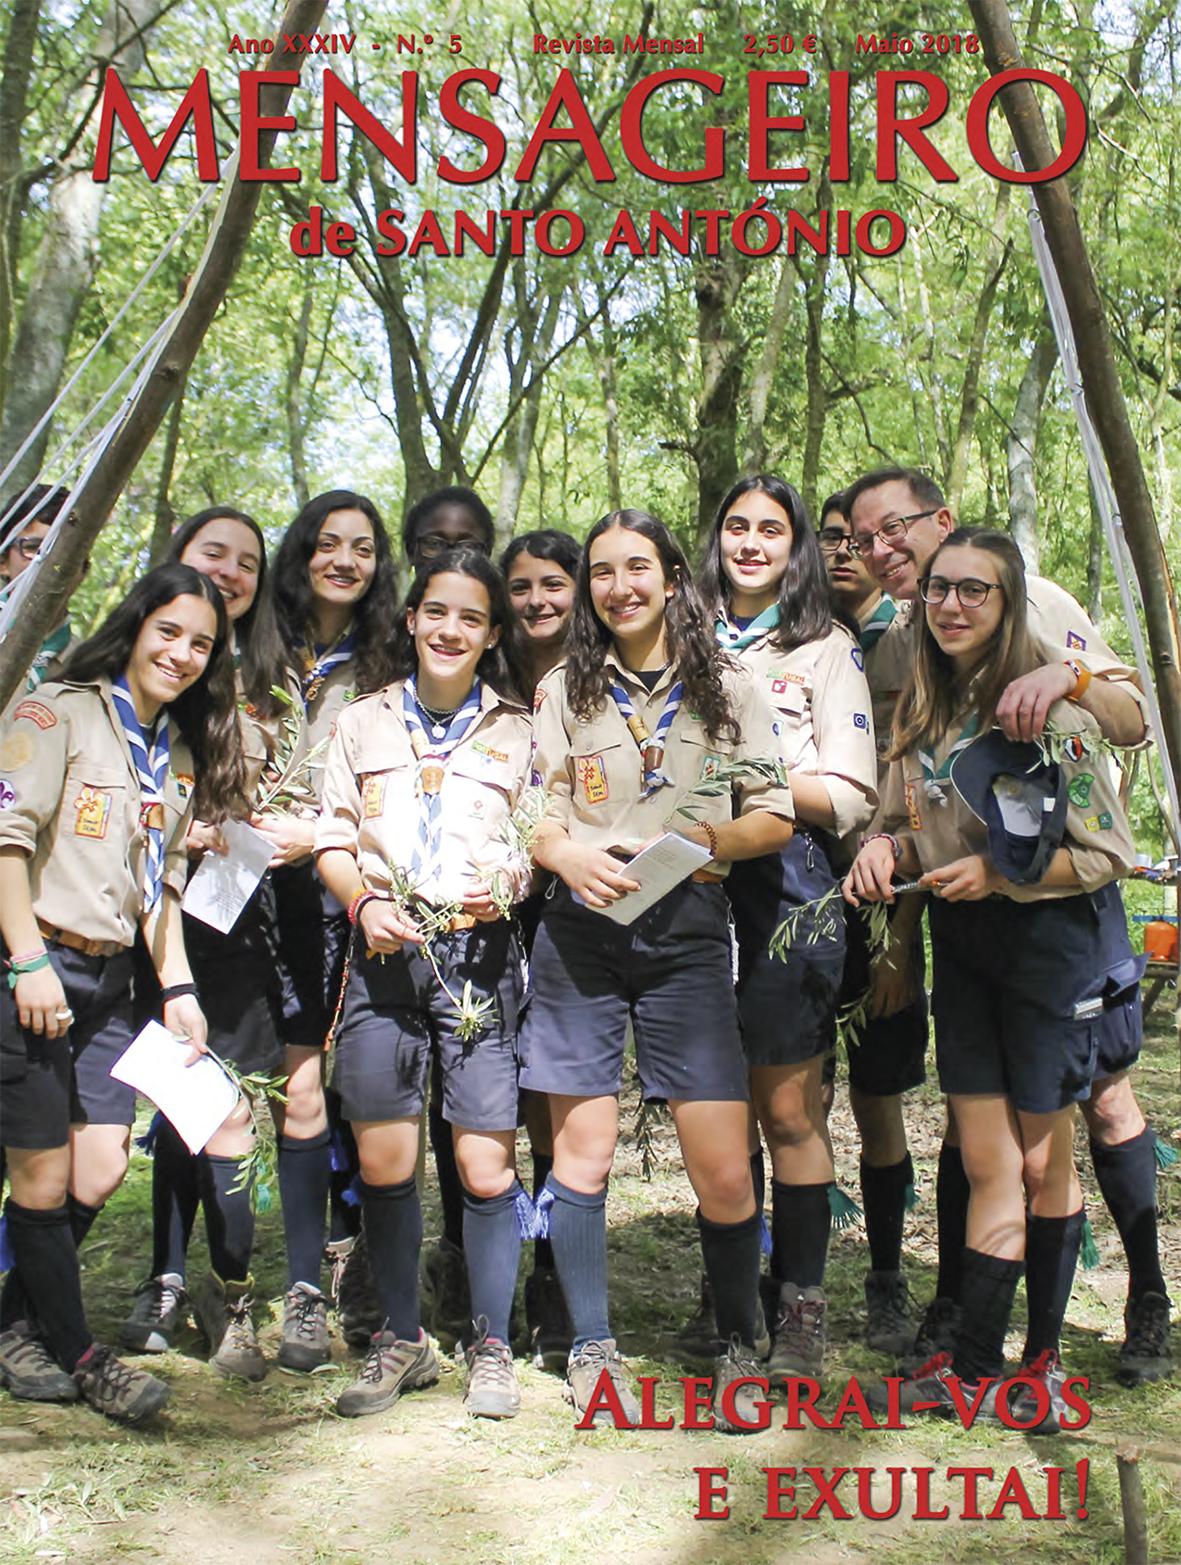 Mensageiro de Santo António, edição maio 2018